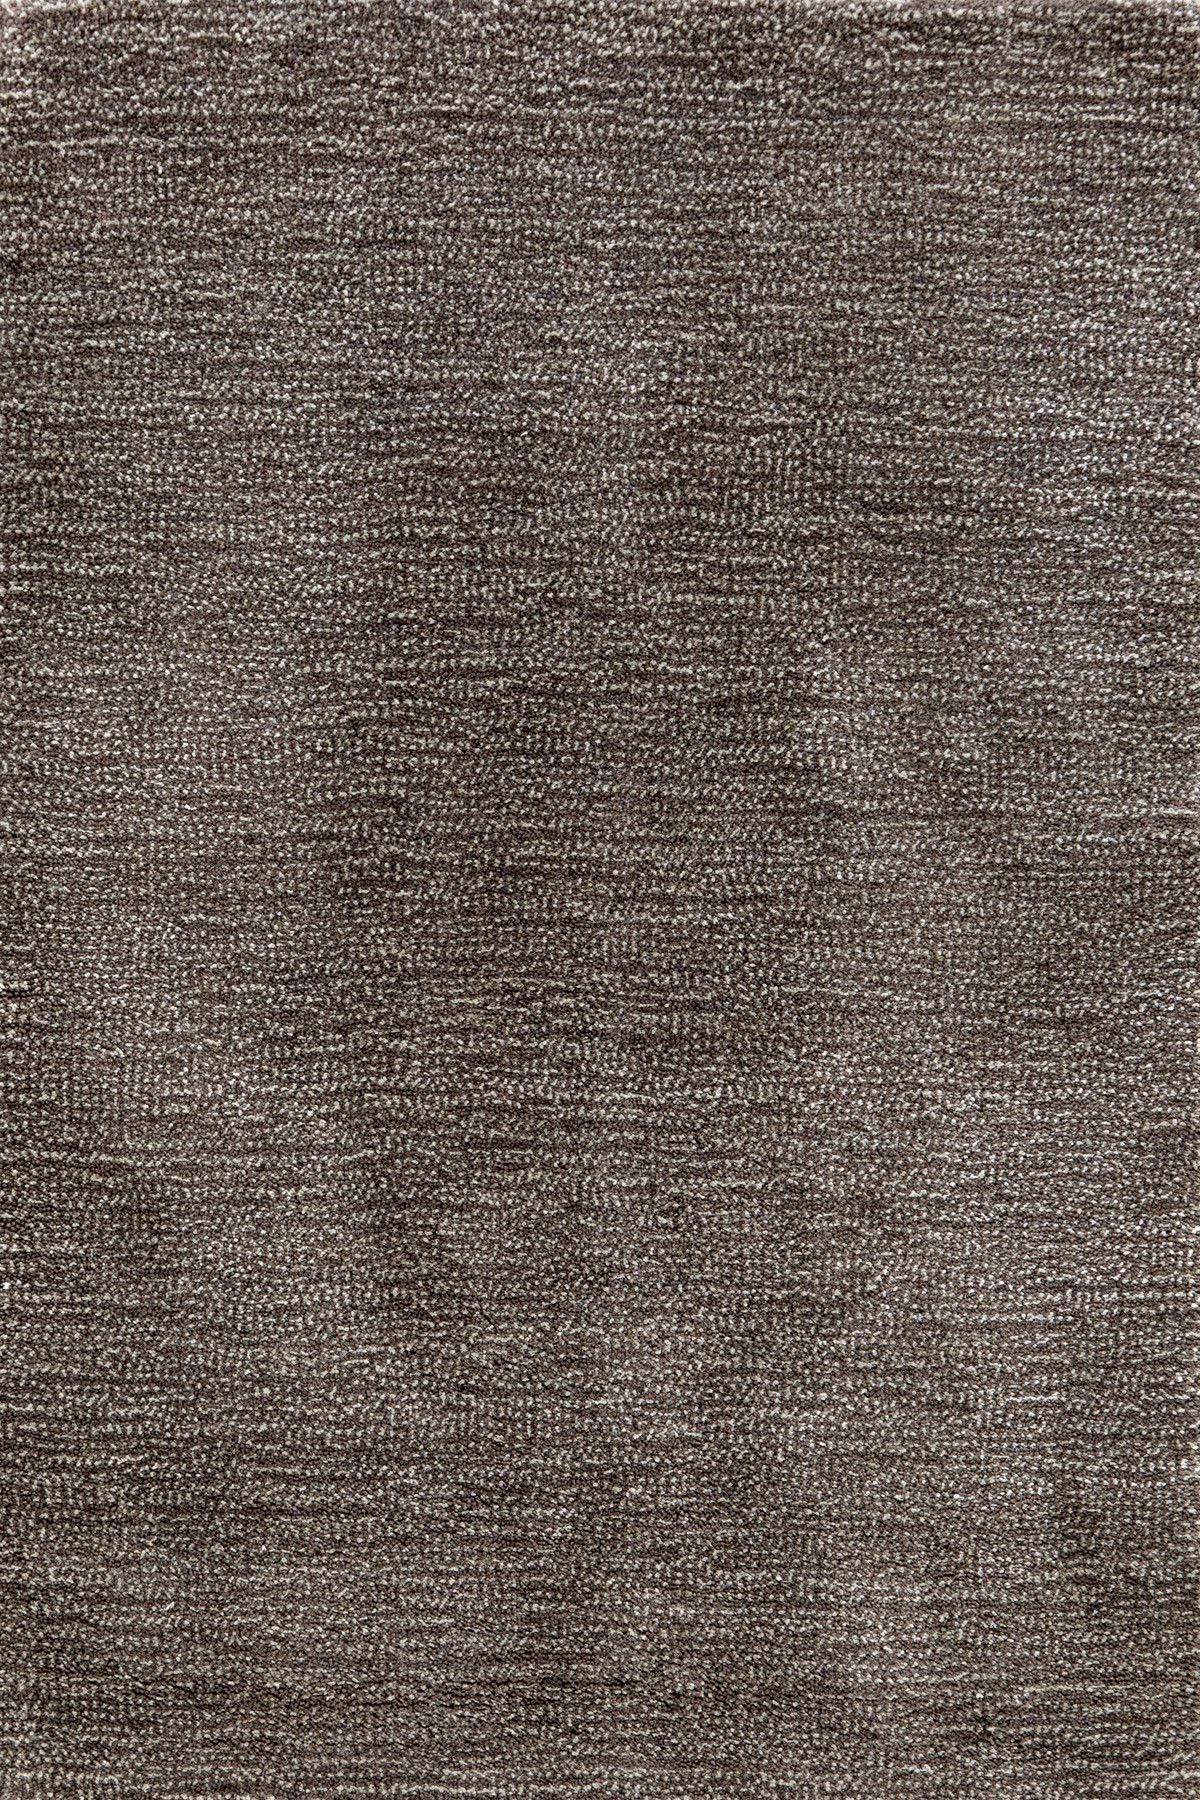 Dash And Albert Rugs Speckle Grey Rug Wool Area Rugs Viscose Rug Rugs On Carpet